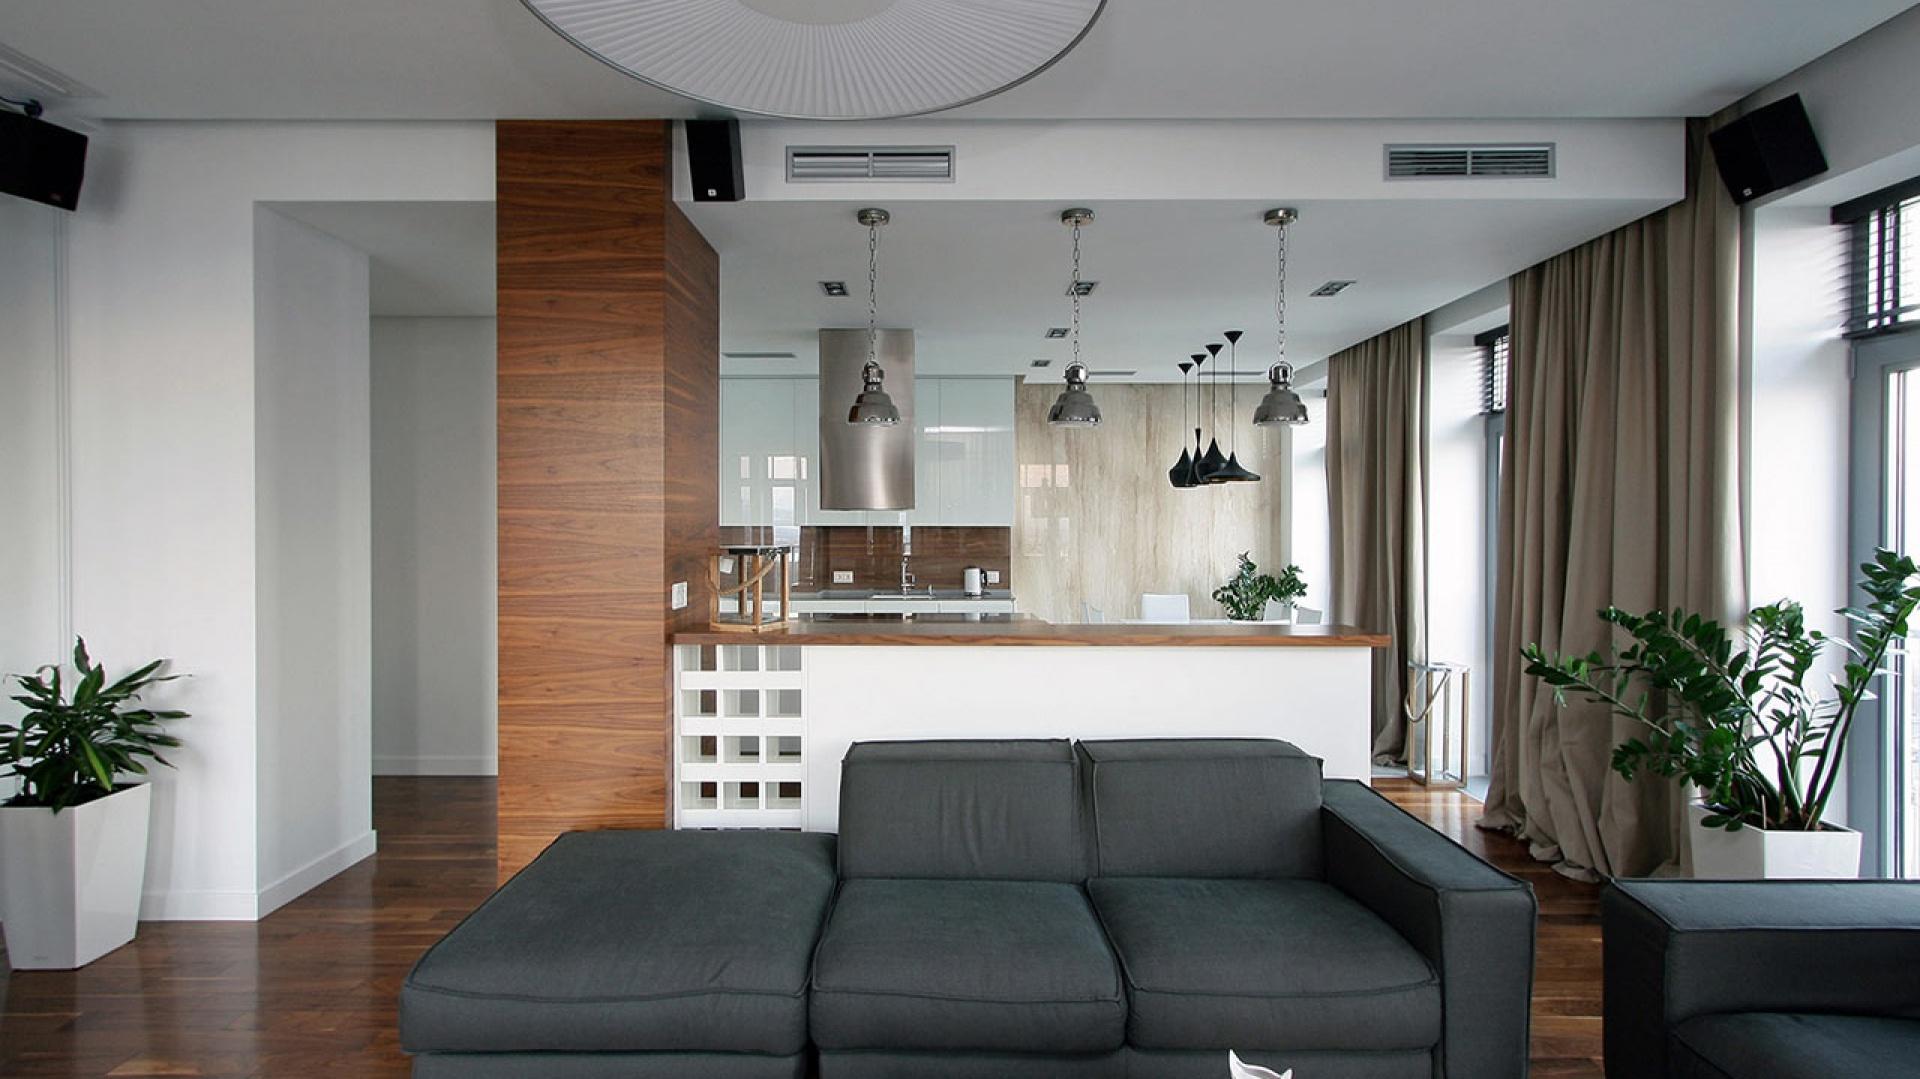 Szare sofy doskonale prezentują się na tle białych ścian i świetnie pasują do drewnianej podłogi. Fot. Svoya studio.